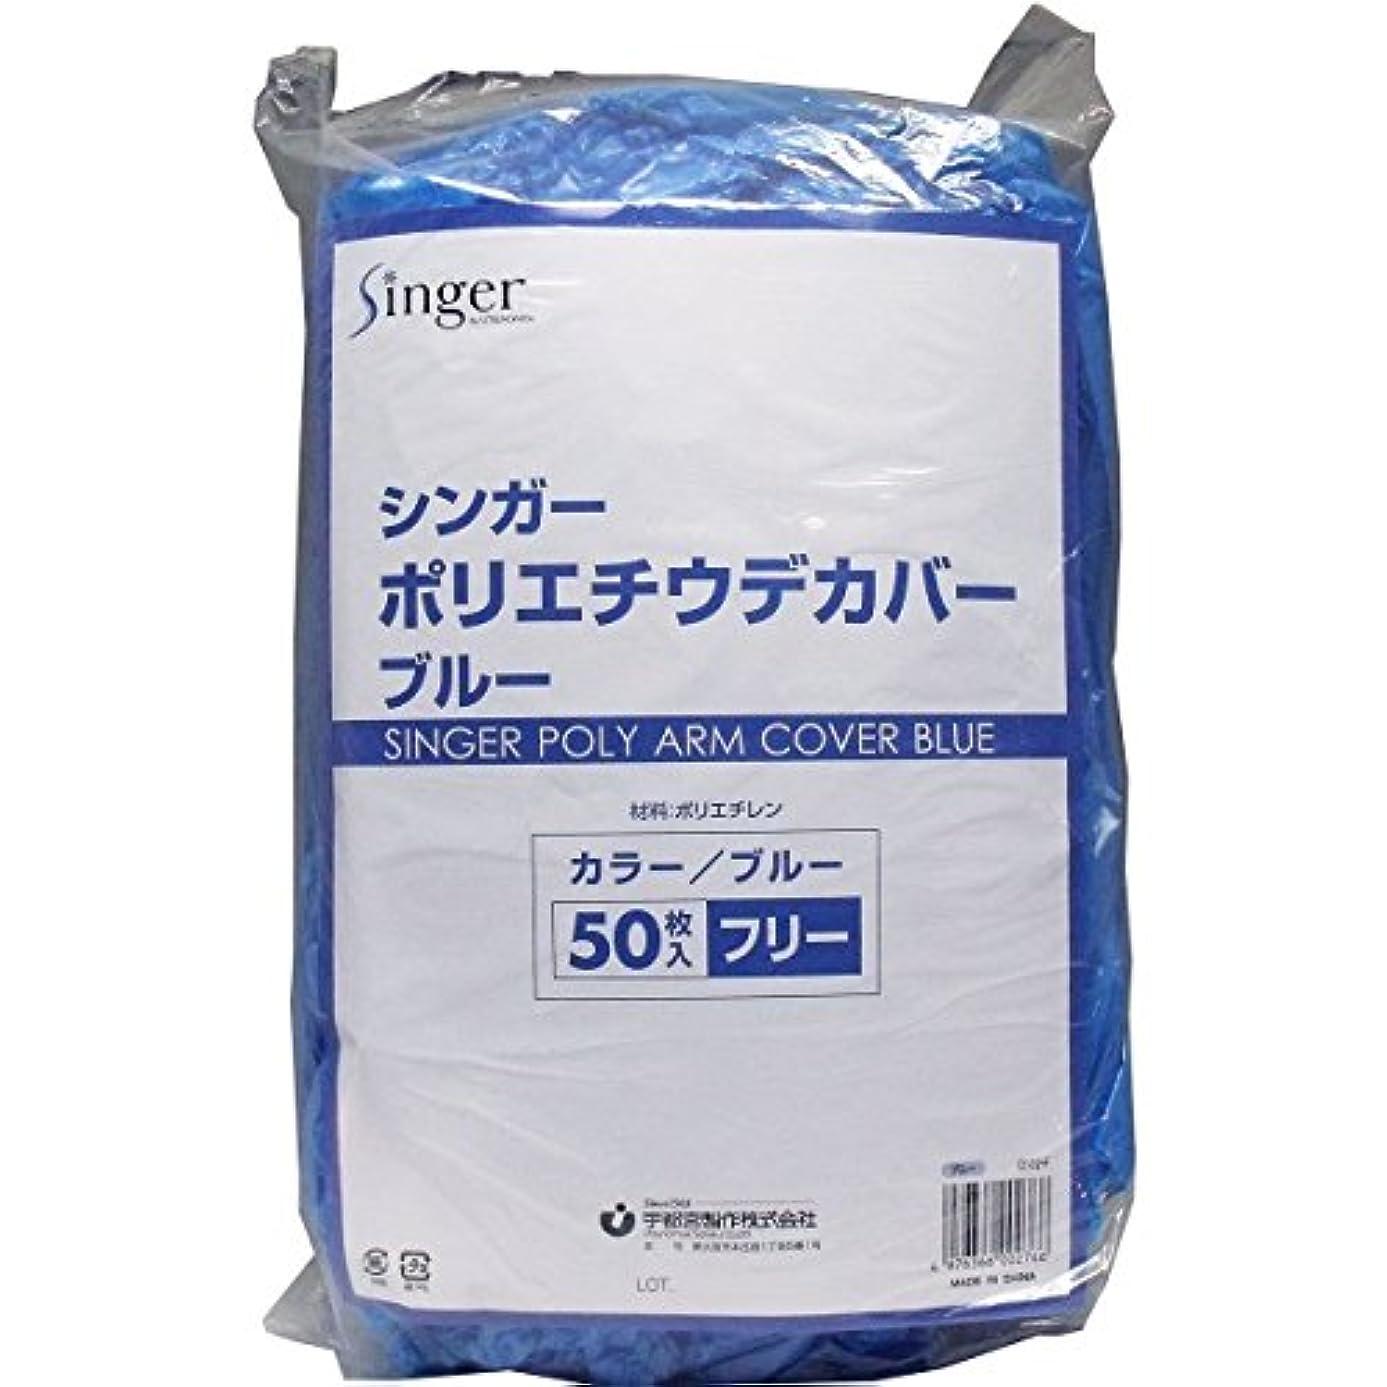 召喚する噴水オンシンガー ポリエチウデカバー (腕カバー) ブルー フリーサイズ 1000枚入り 50枚x20袋